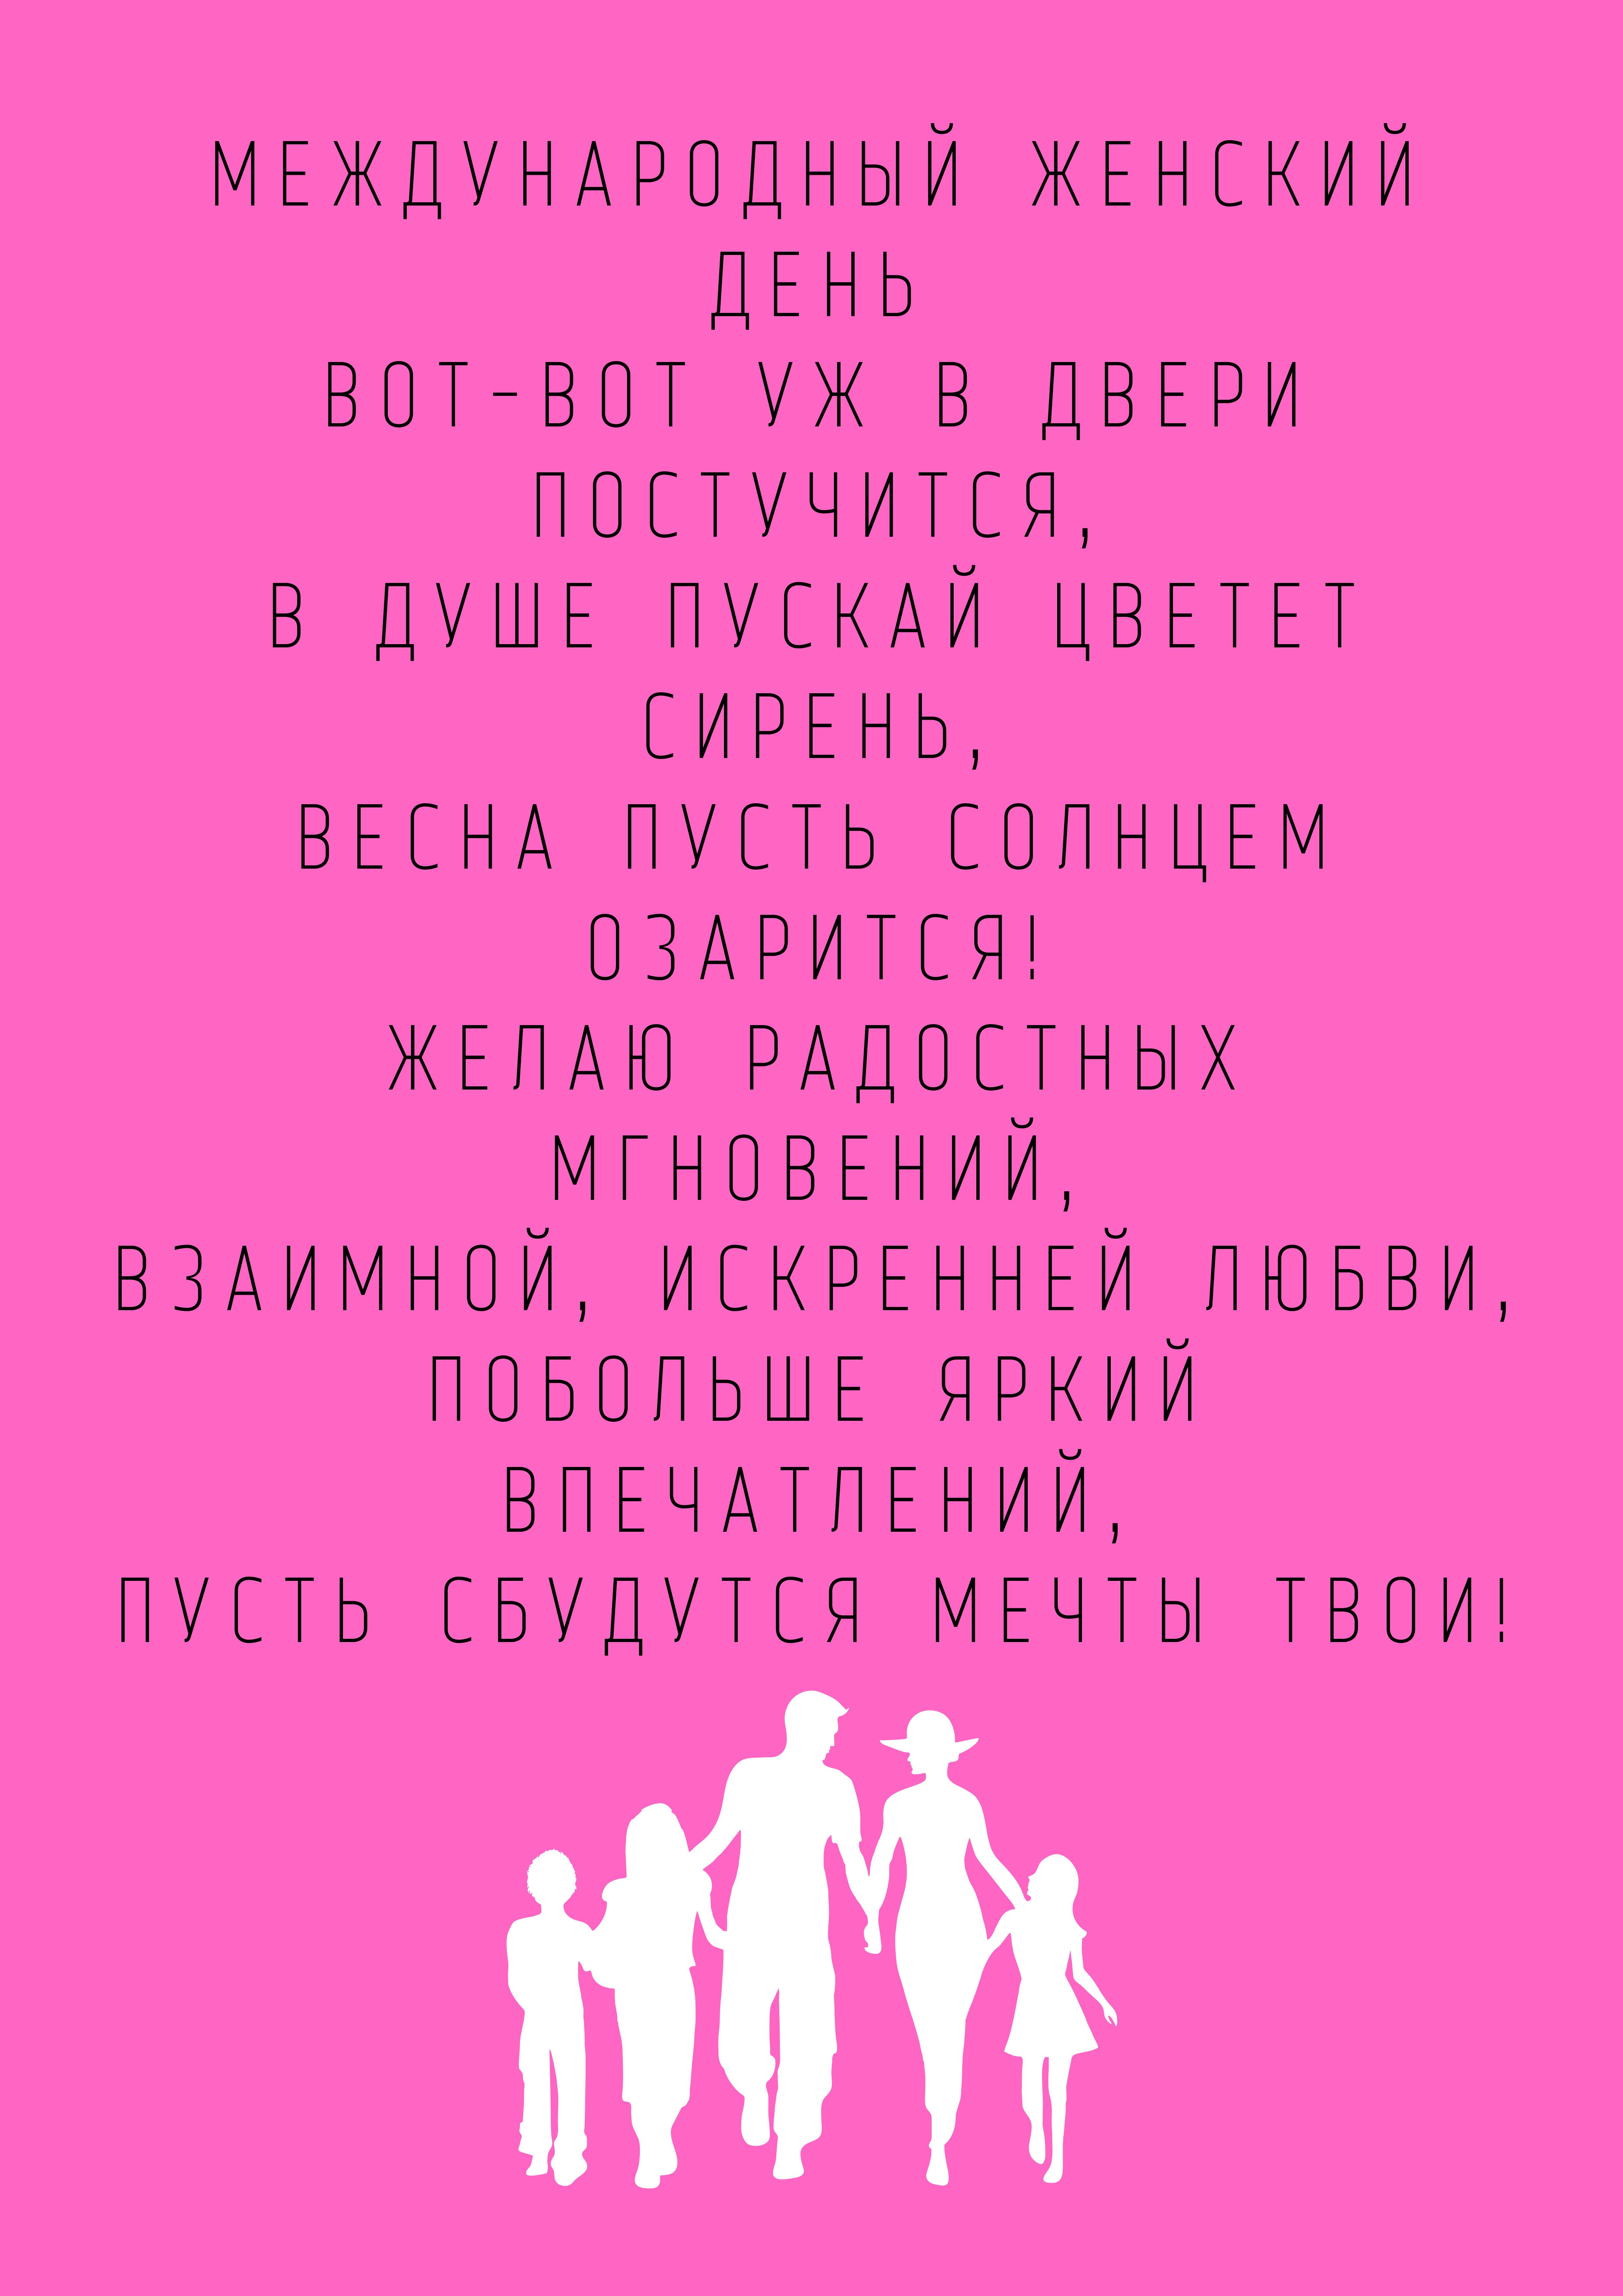 Плакат на 8 марта весной